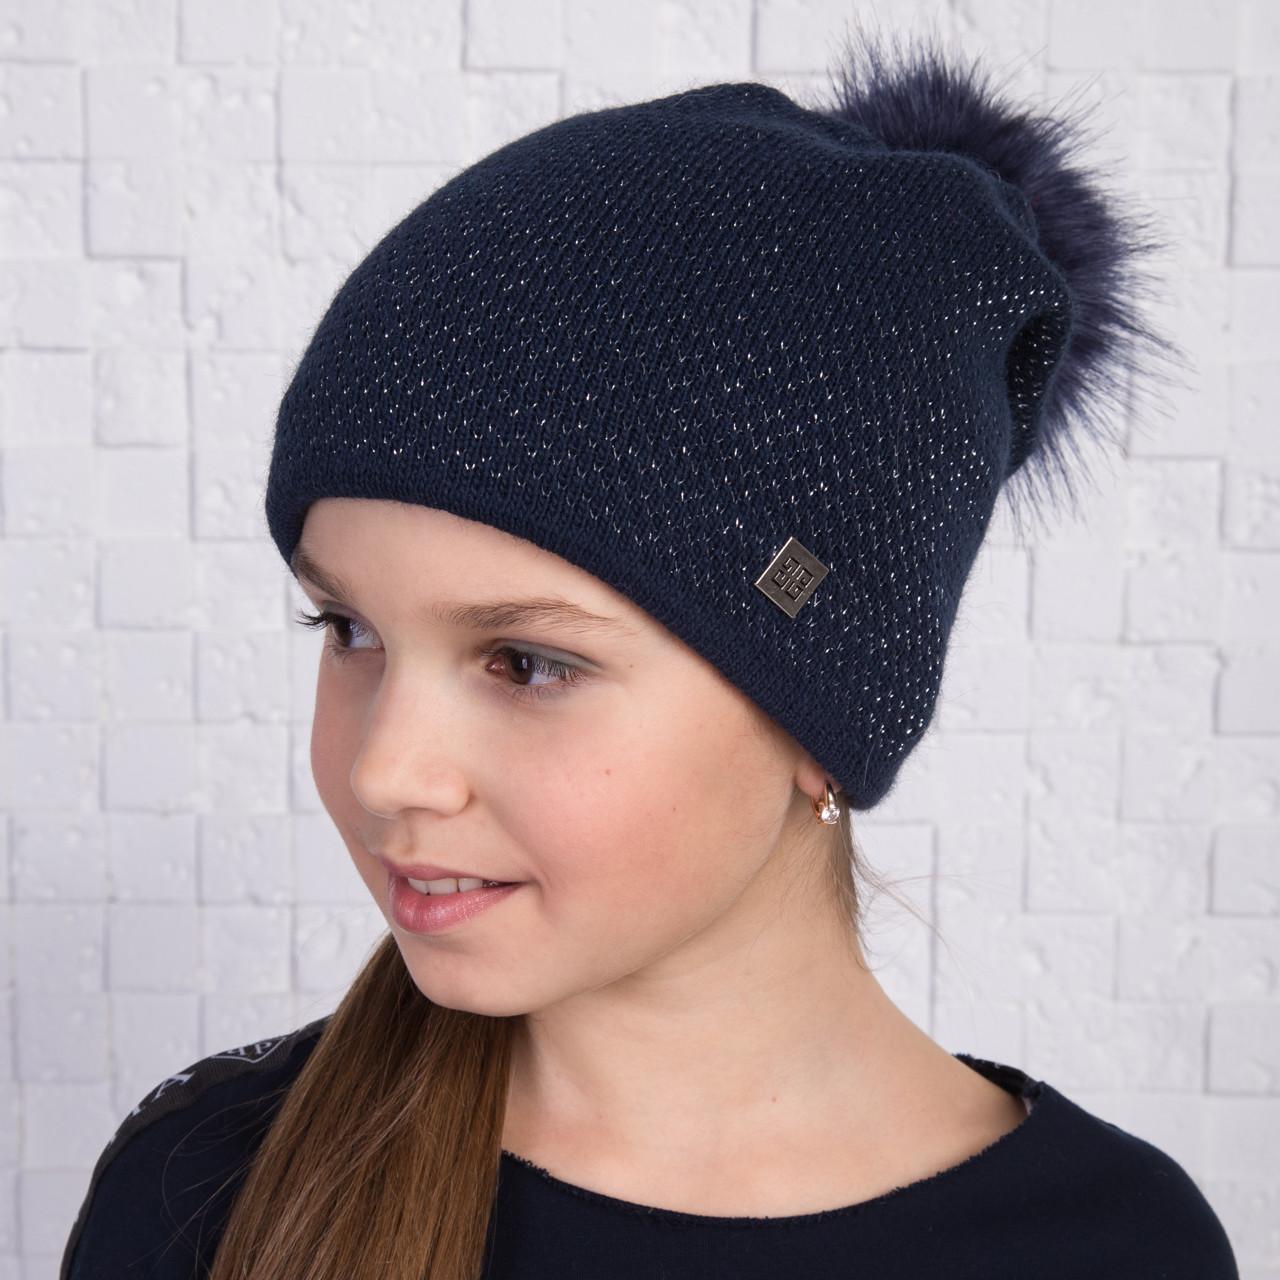 Вязанная шапка с меховым помпоном для девочек на зиму - Артикул 2166 (синяя)